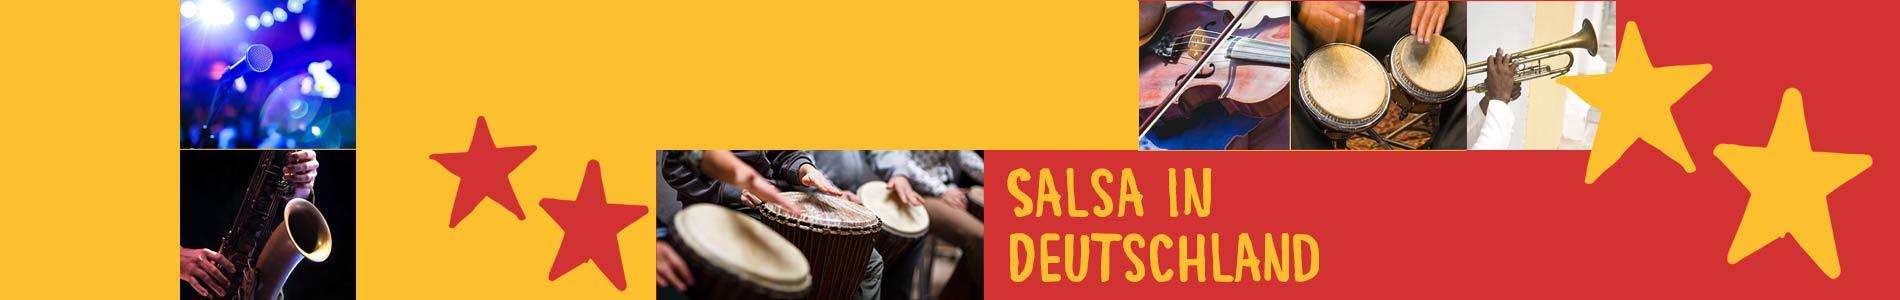 Salsa in Büchel – Salsa lernen und tanzen, Tanzkurse, Partys, Veranstaltungen